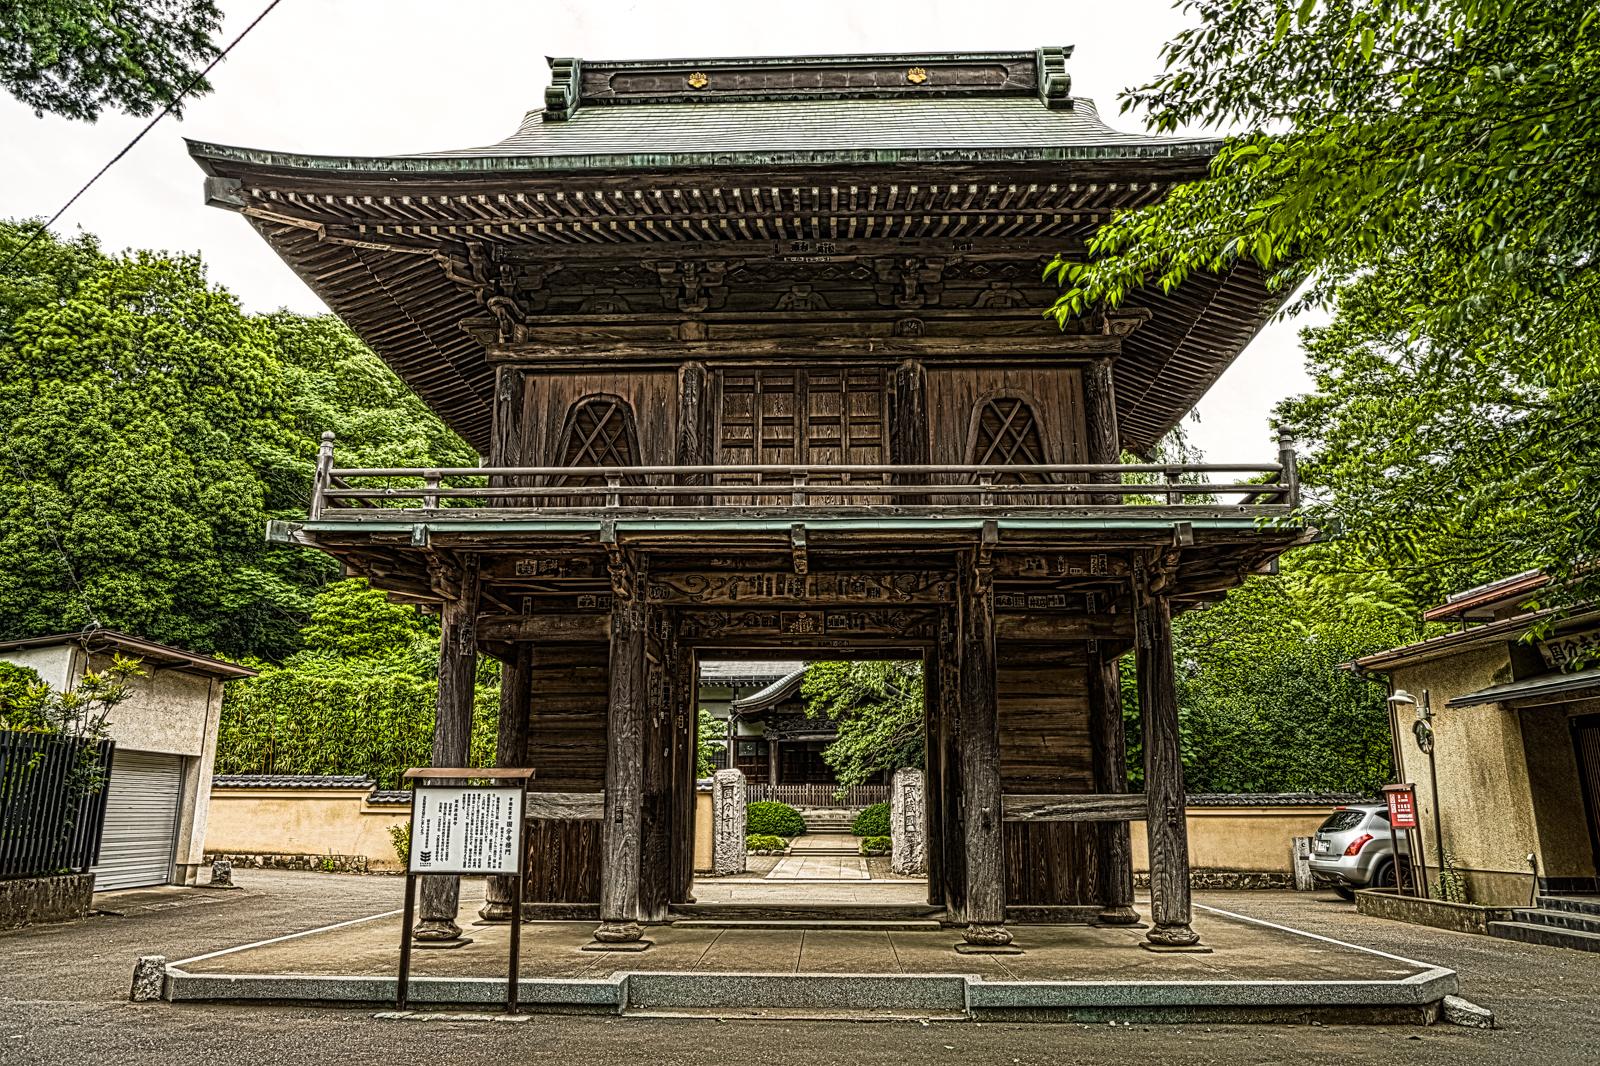 武蔵國分寺、楼門の全体を写した写真